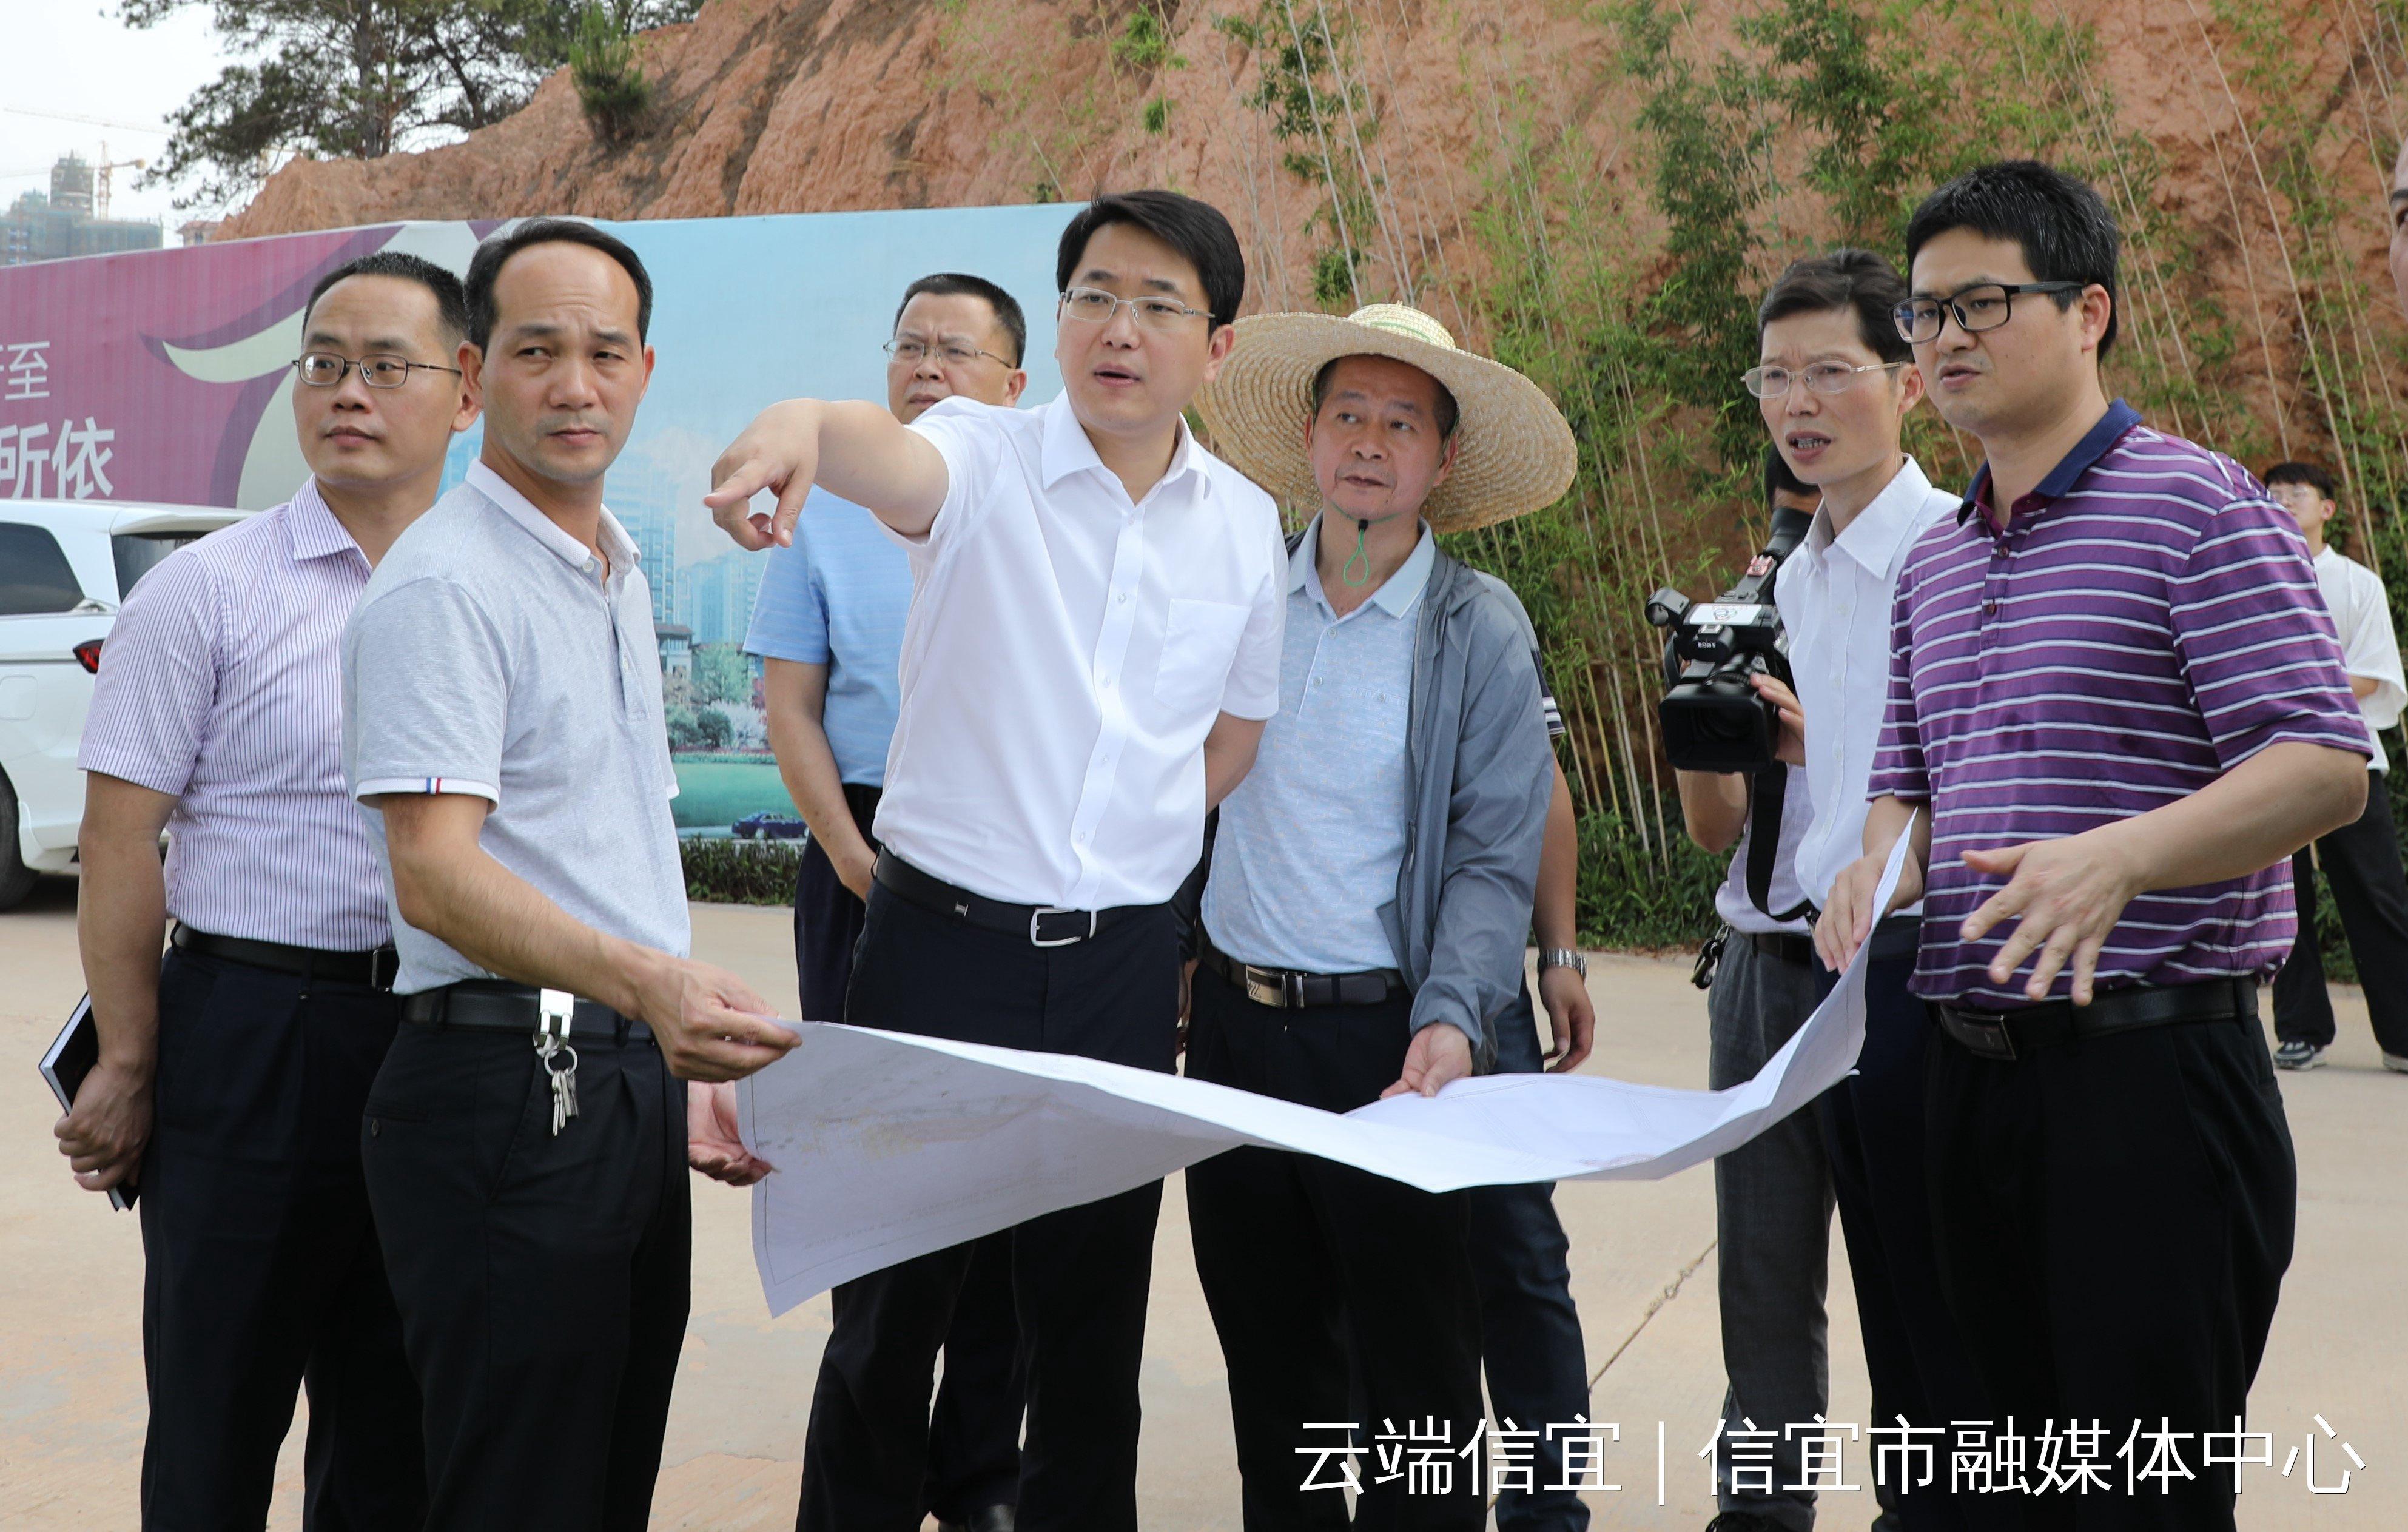 龚庆要求:加快市政重点项目建设 增进民生福祉